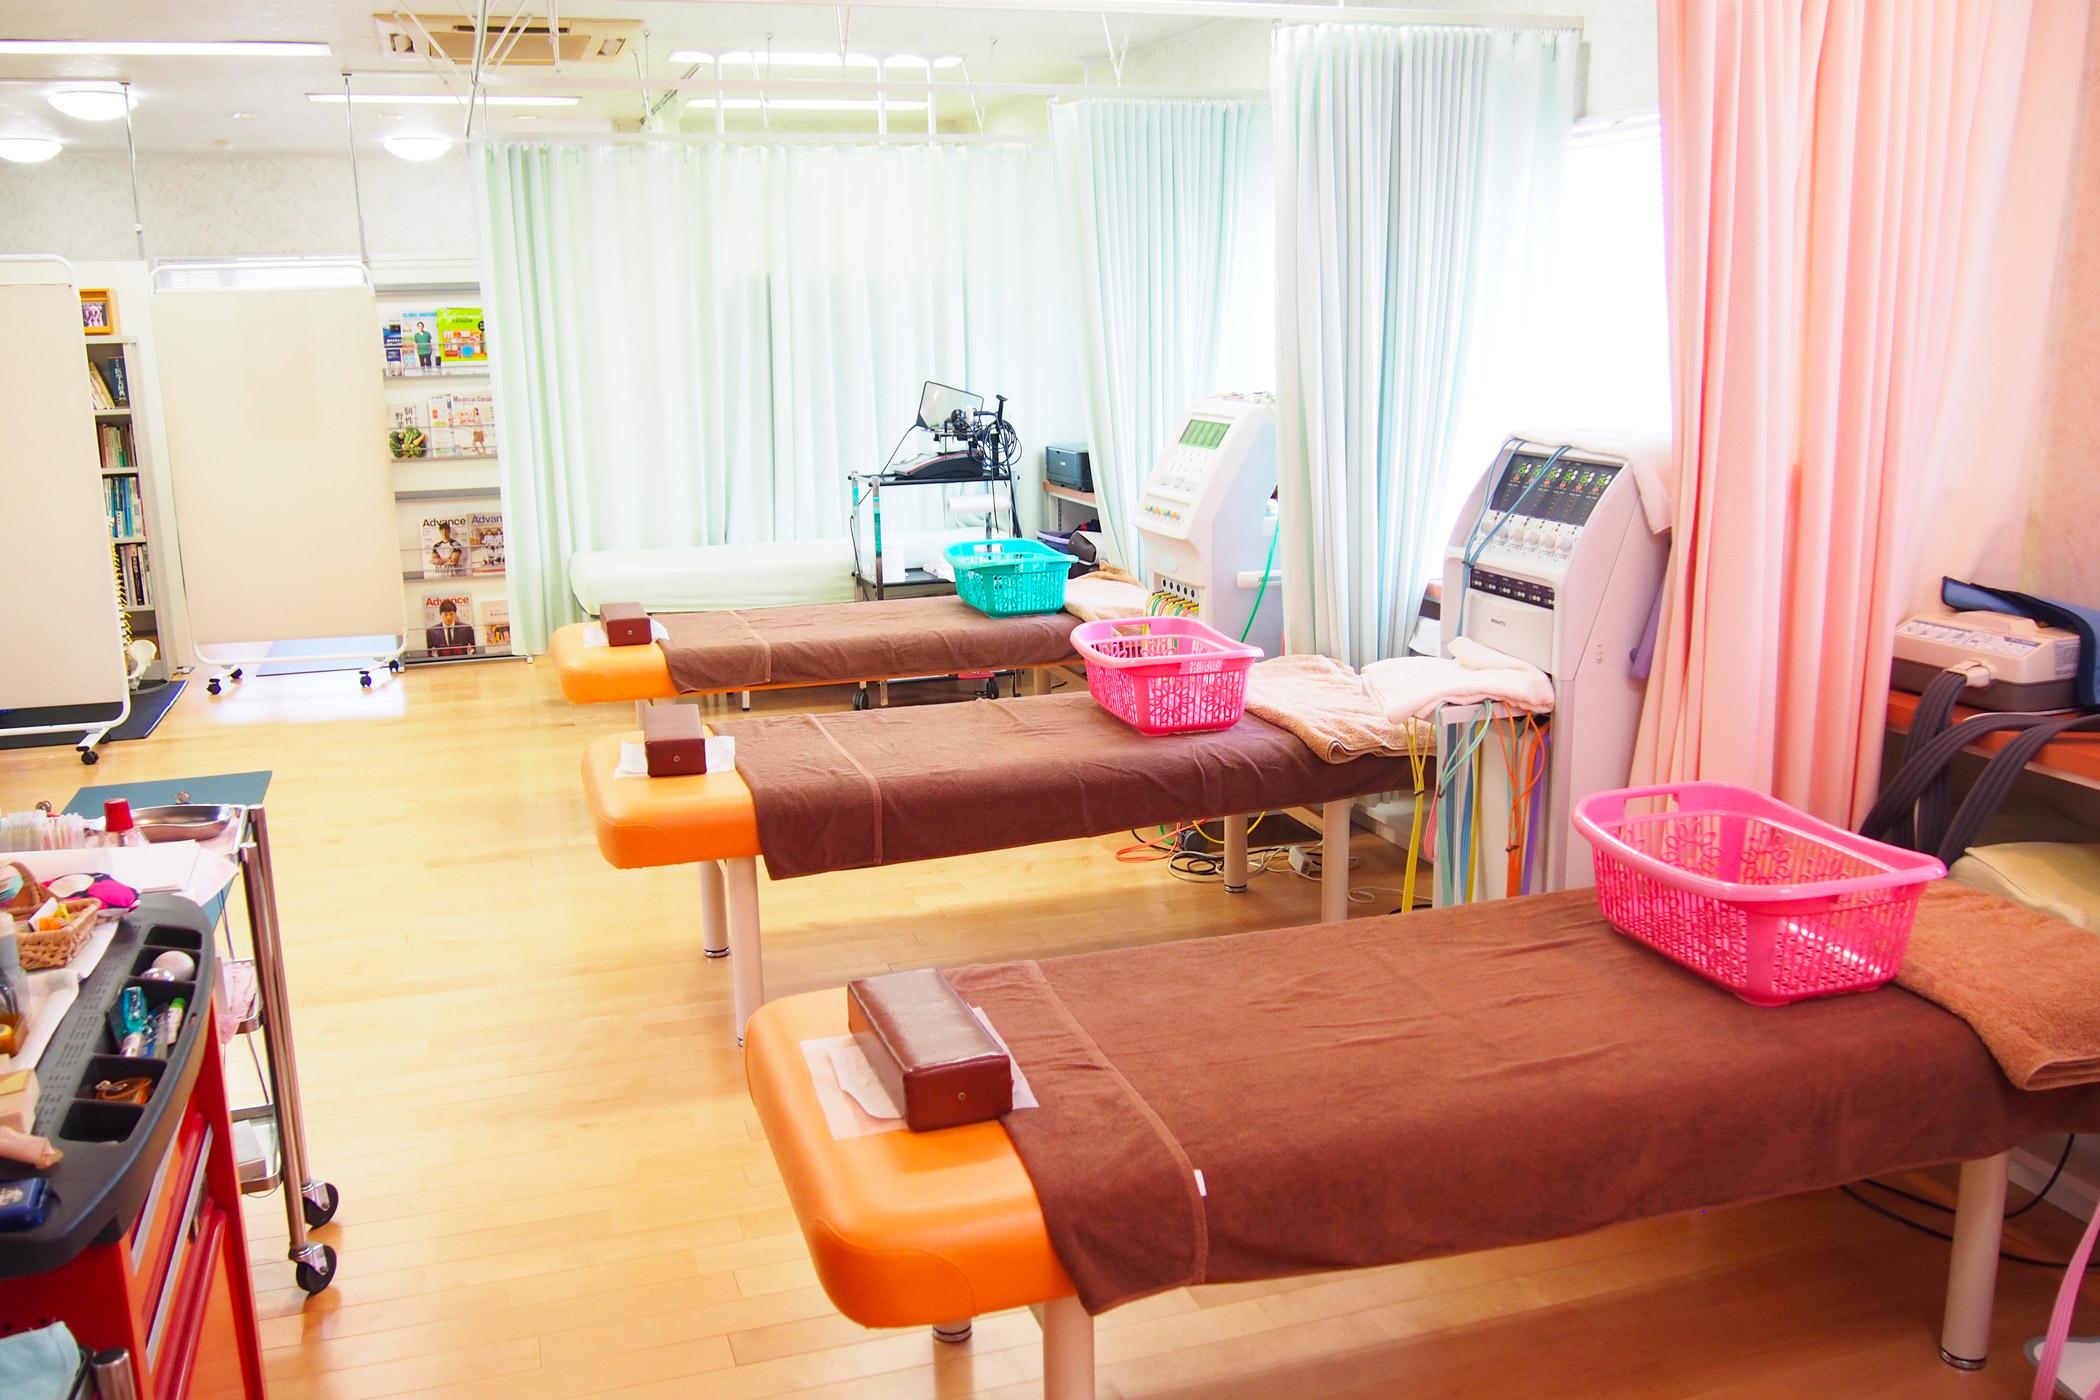 施術ベッドはそれぞれカーテンで仕切られています。